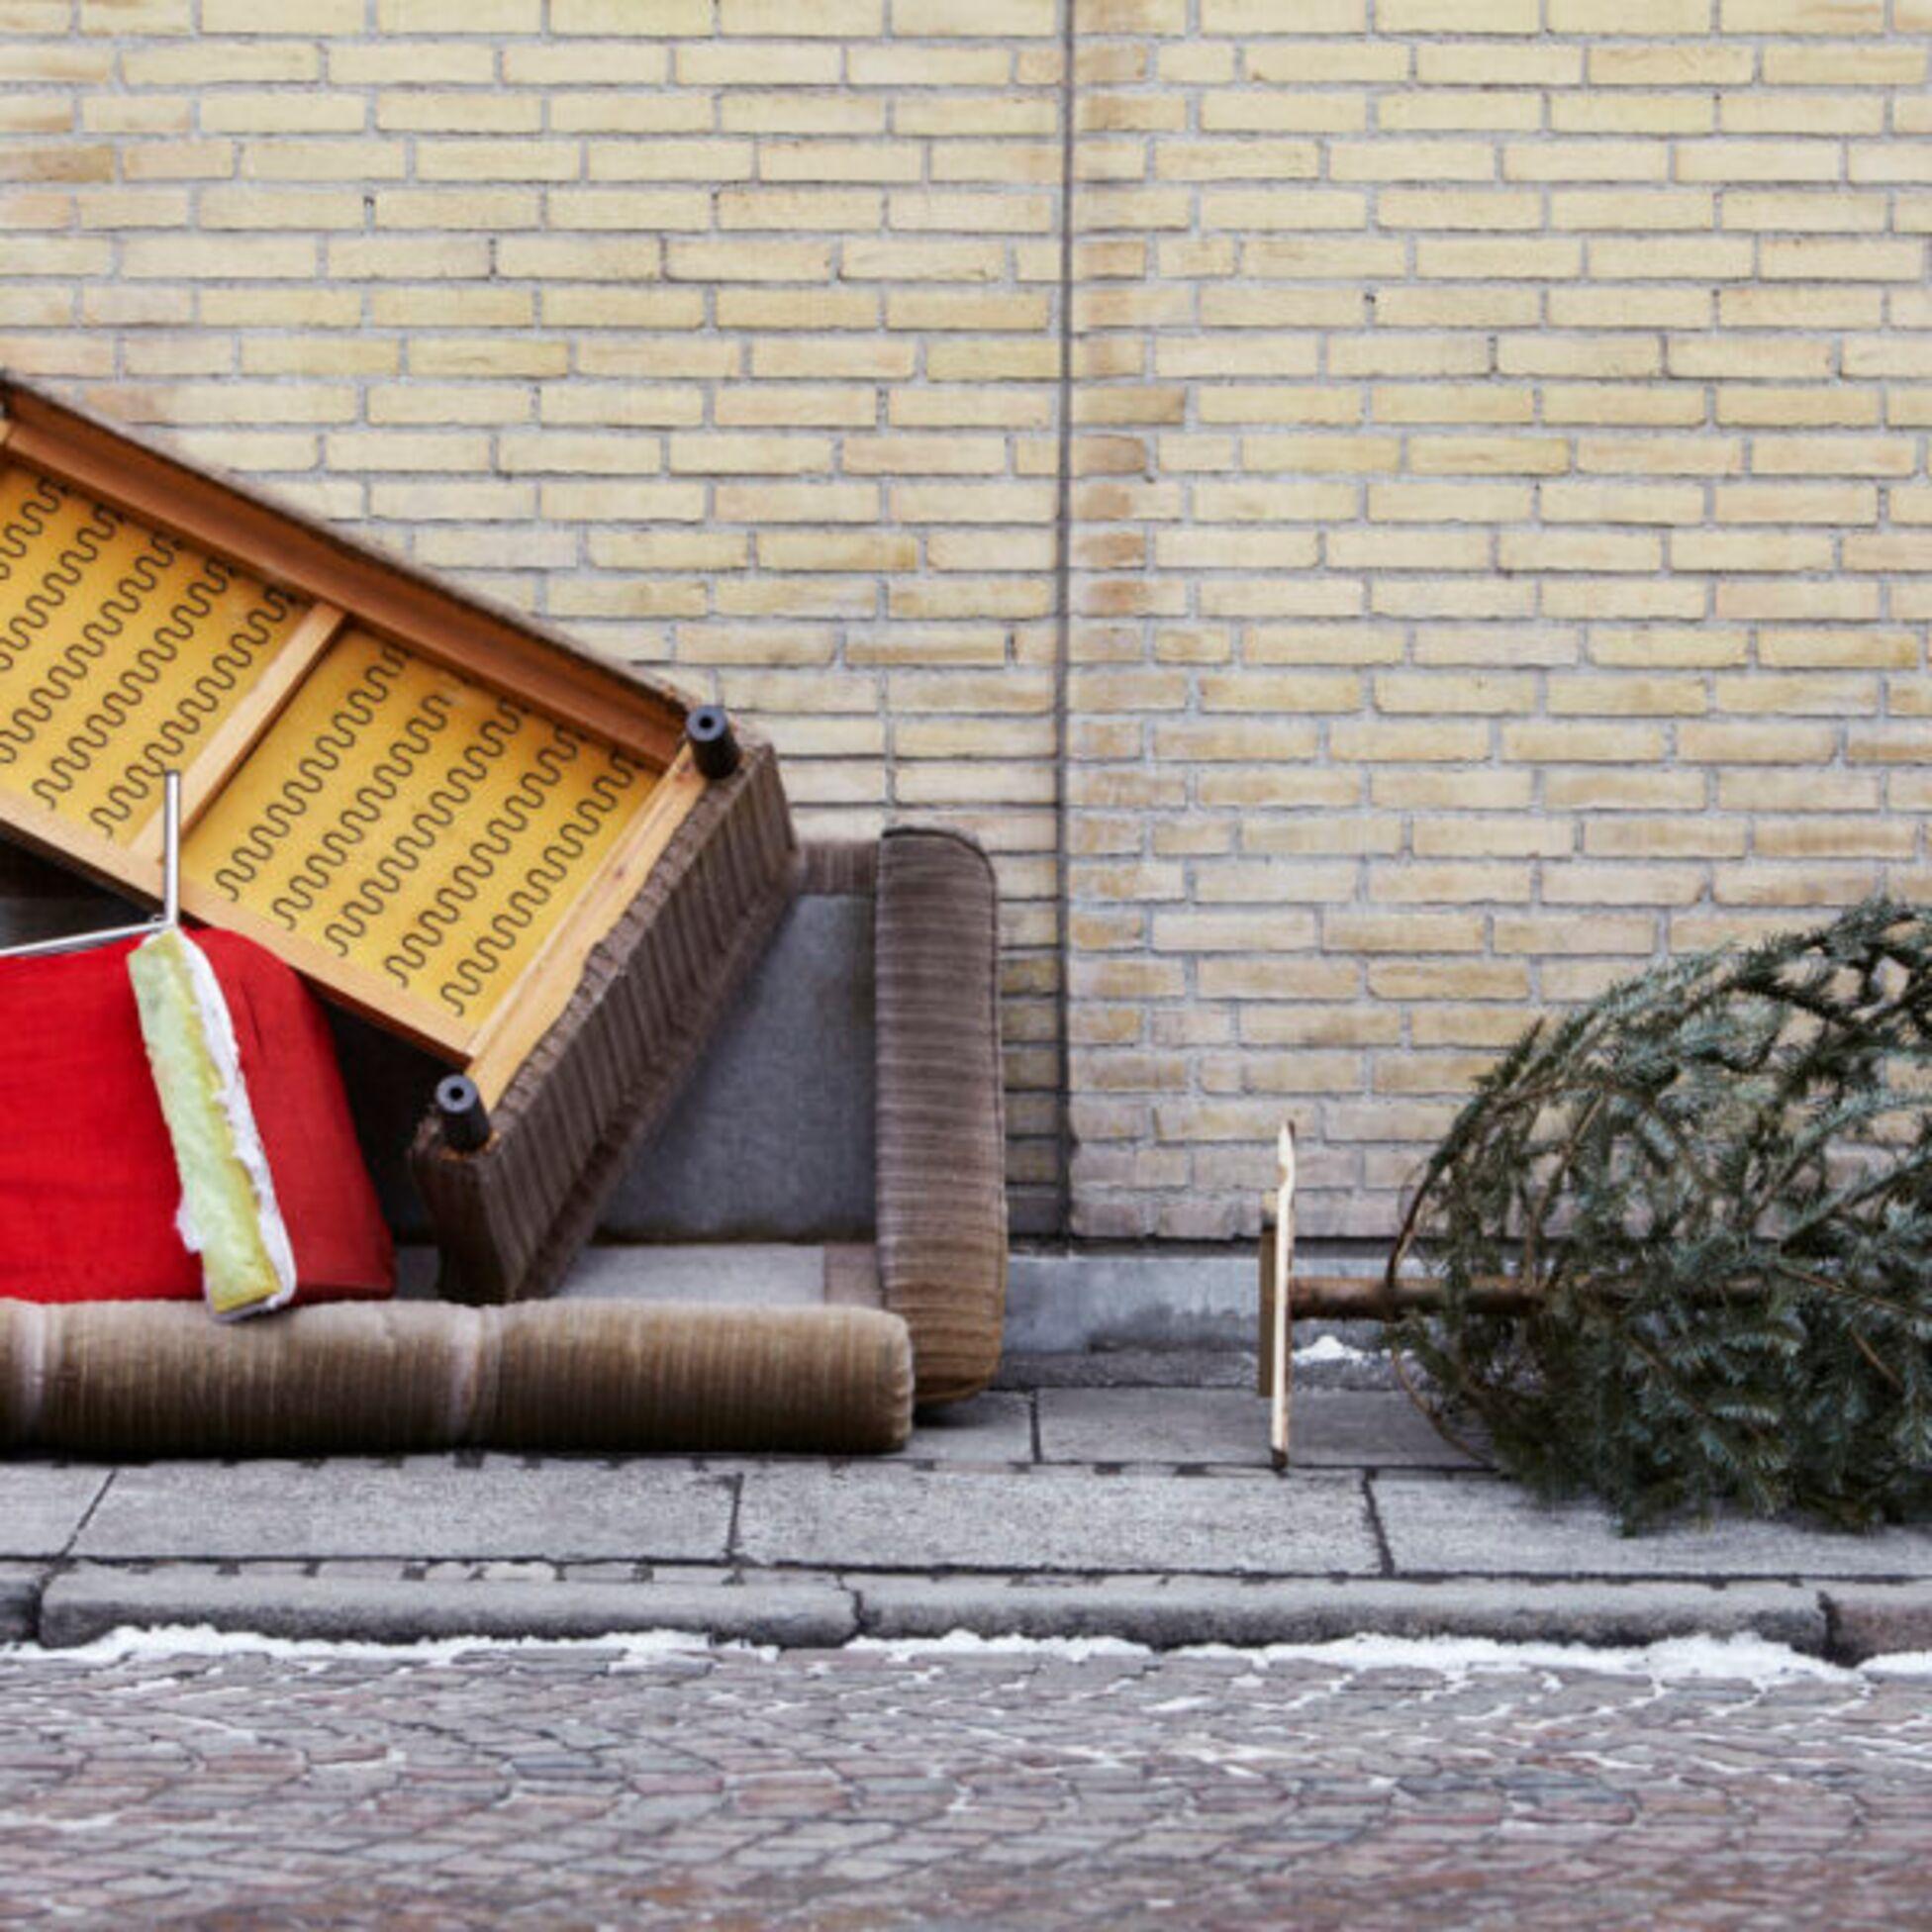 Altes Sofa und Weihnachtsbaum liegen als Sperrmüll auf der Straße